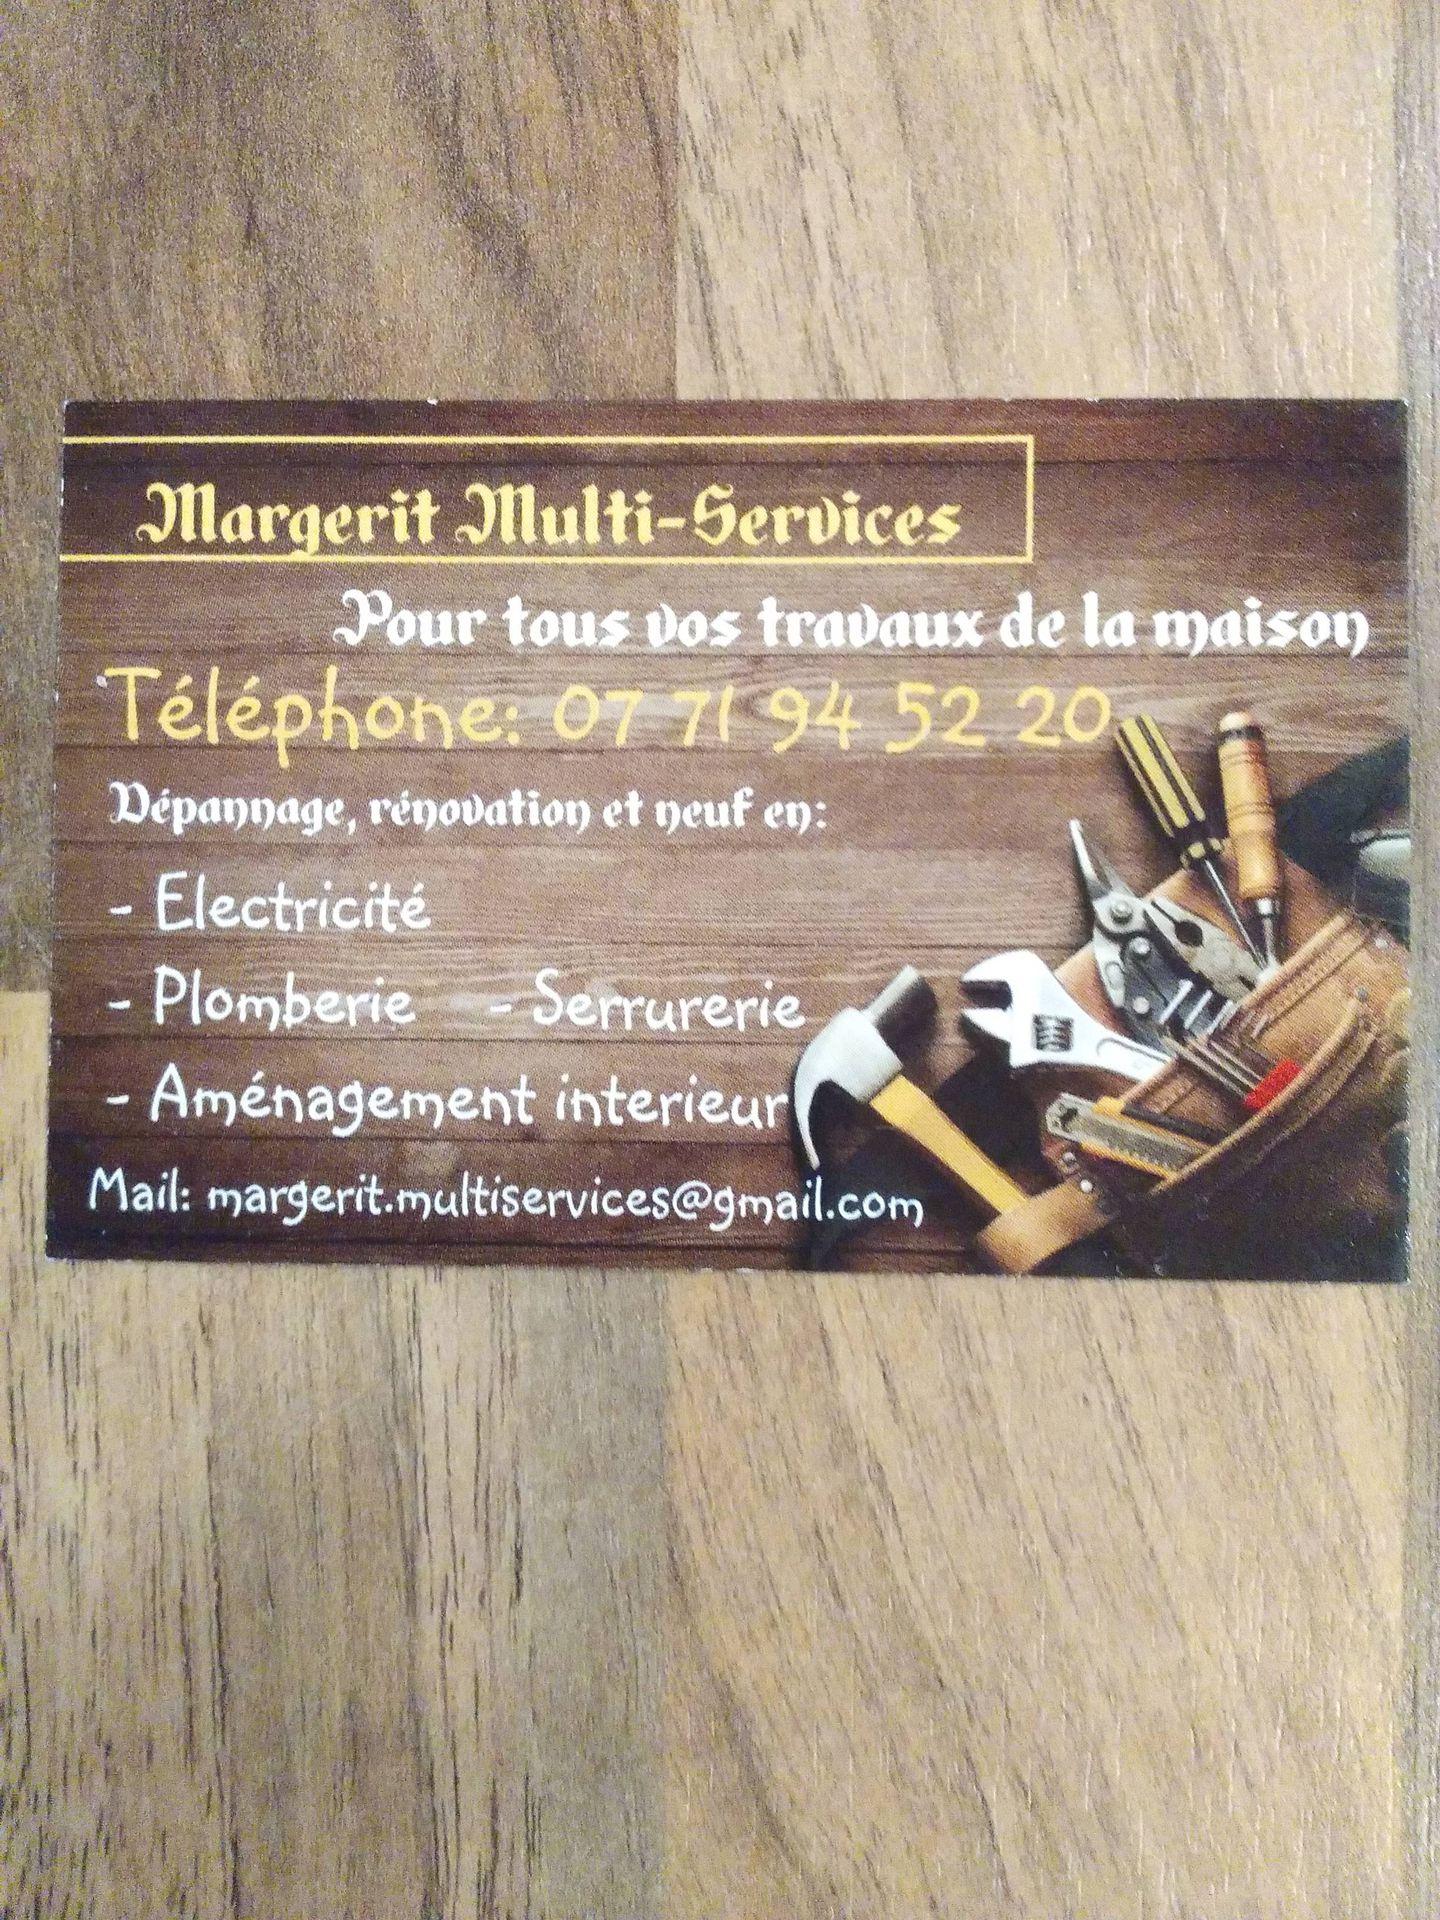 Margerit Multi-Services bricolage, outillage (détail)